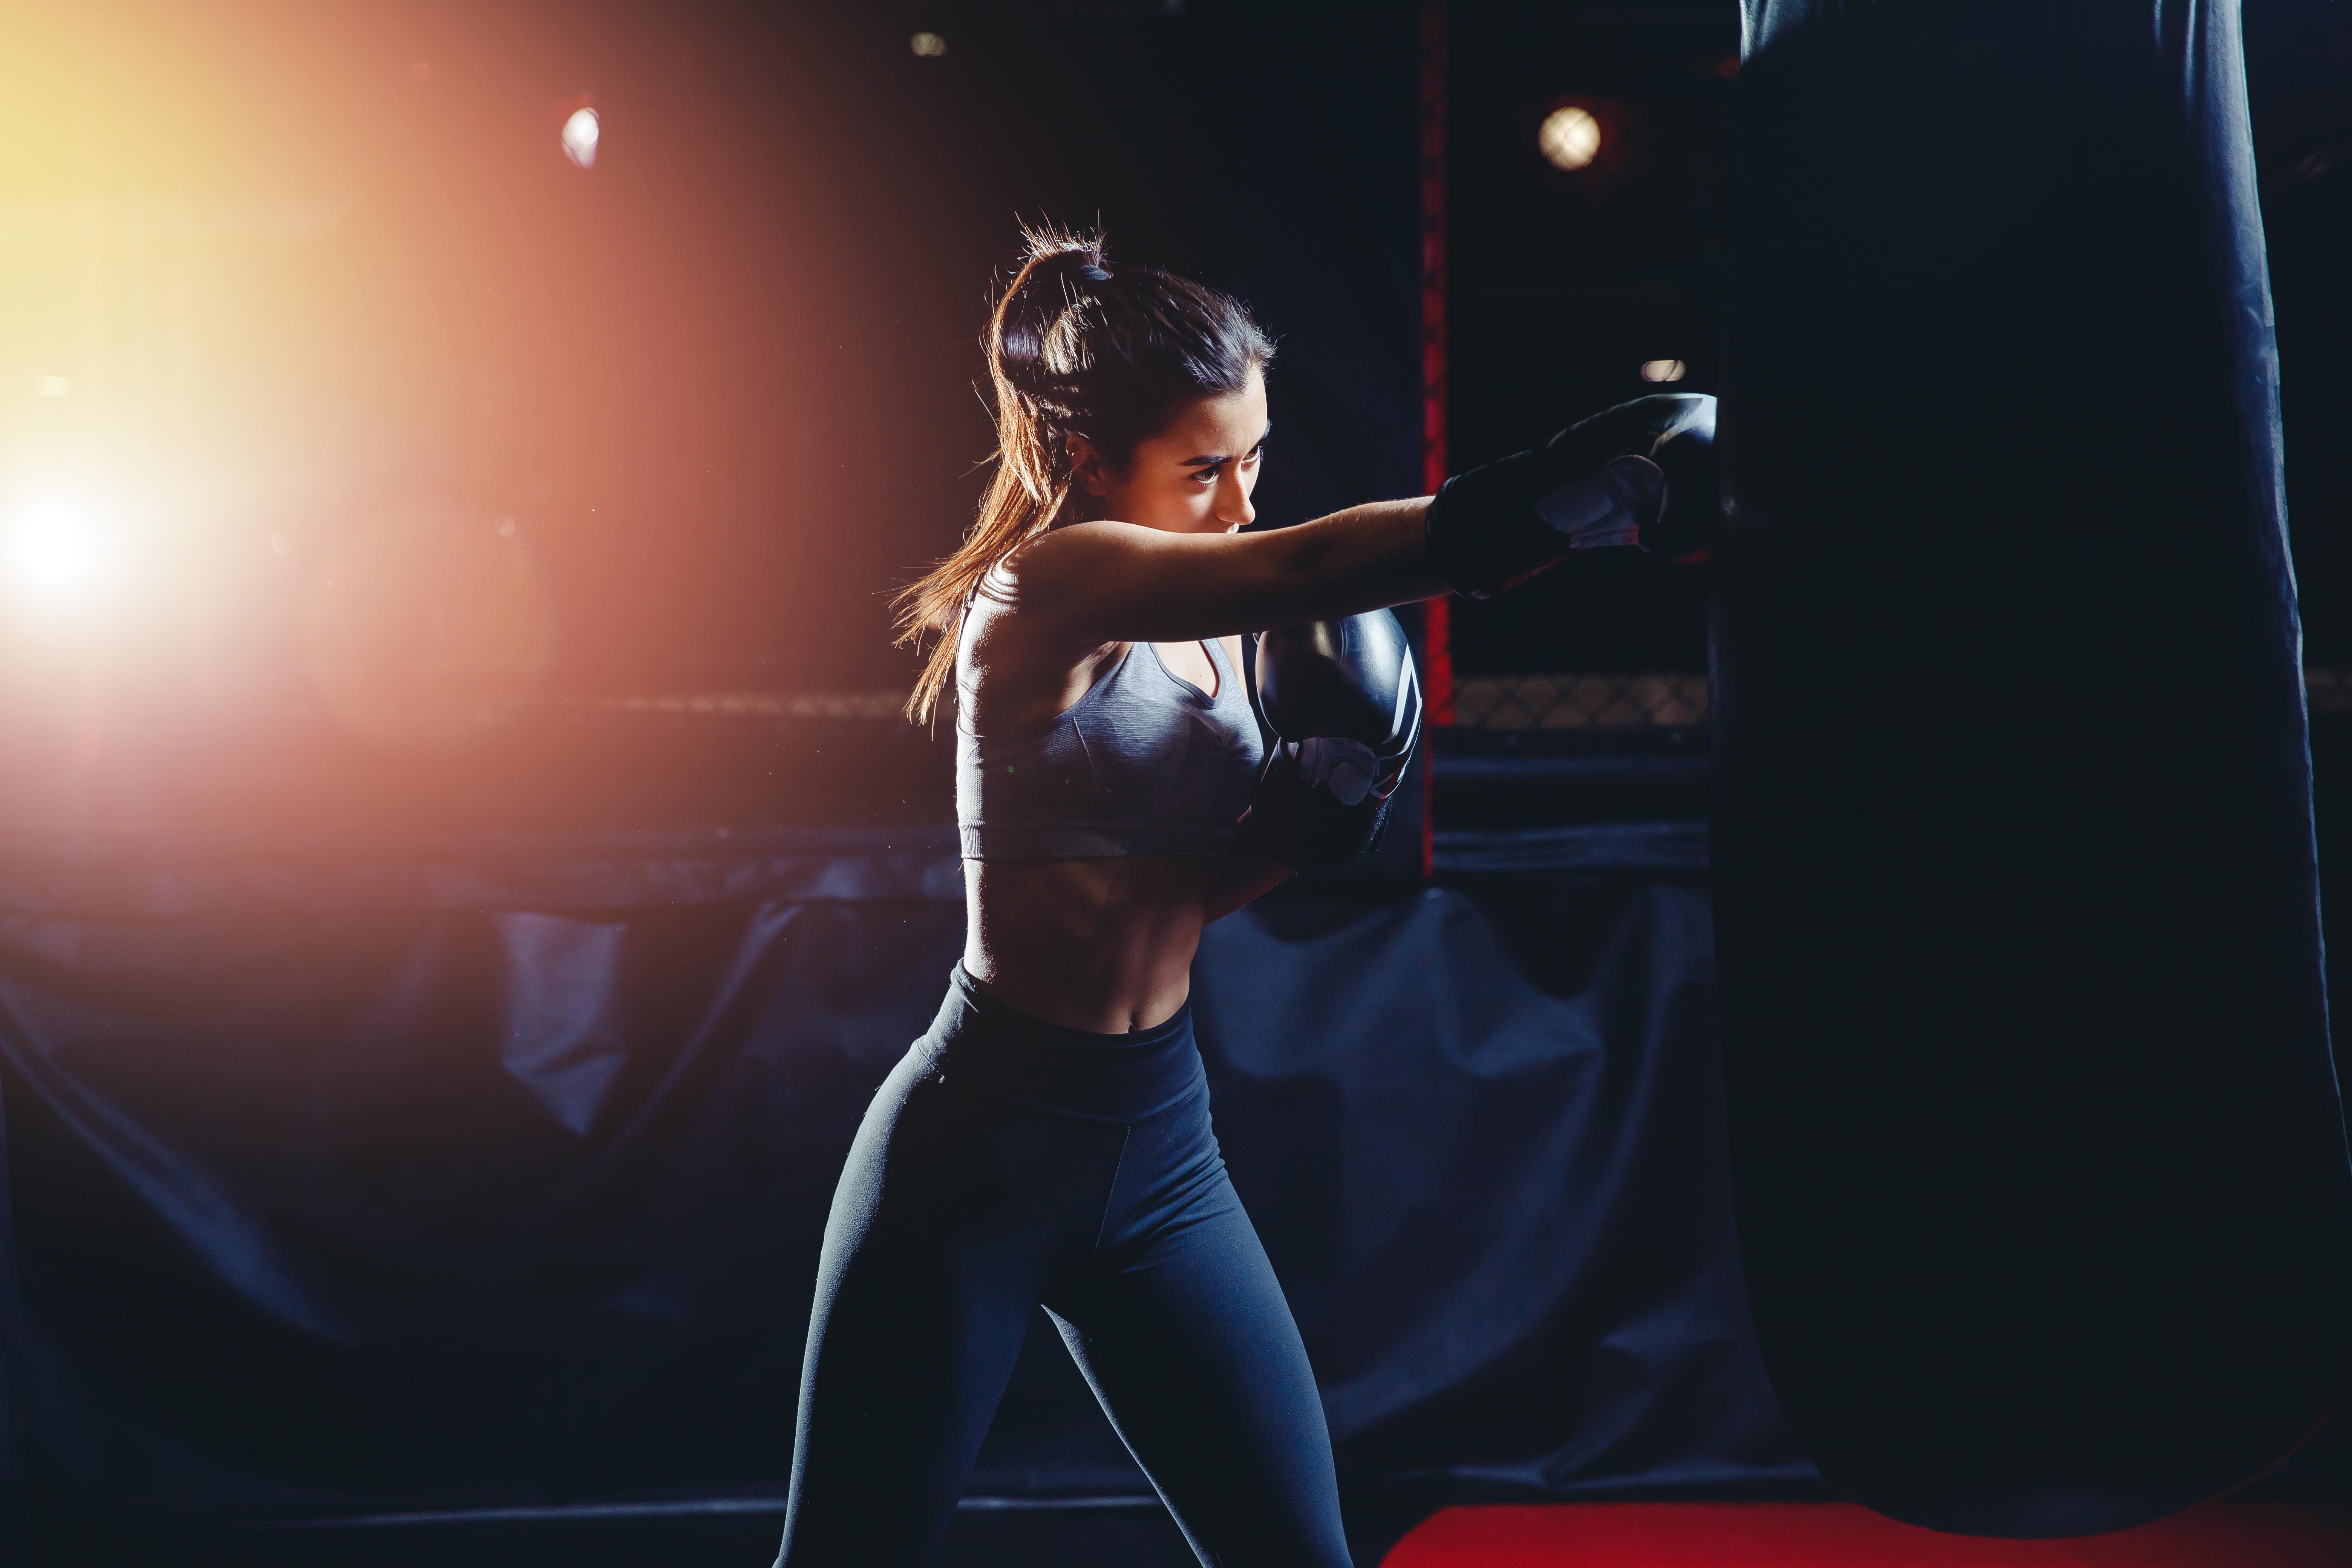 自宅でキックボクシングのオンラインレッスンが受けれます!